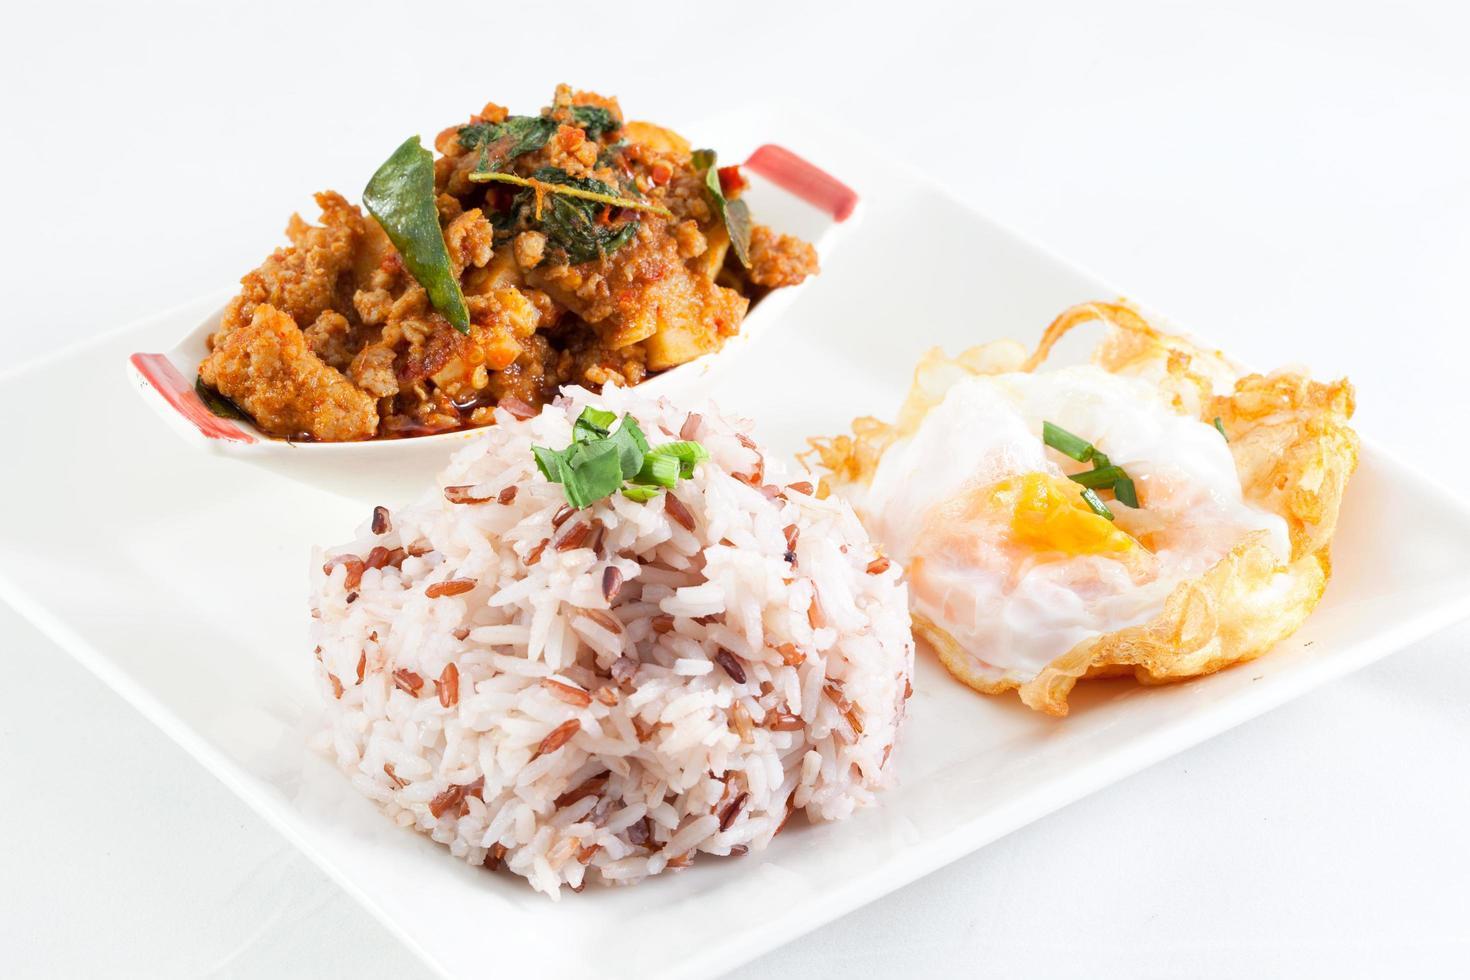 nourriture thaï épicée photo